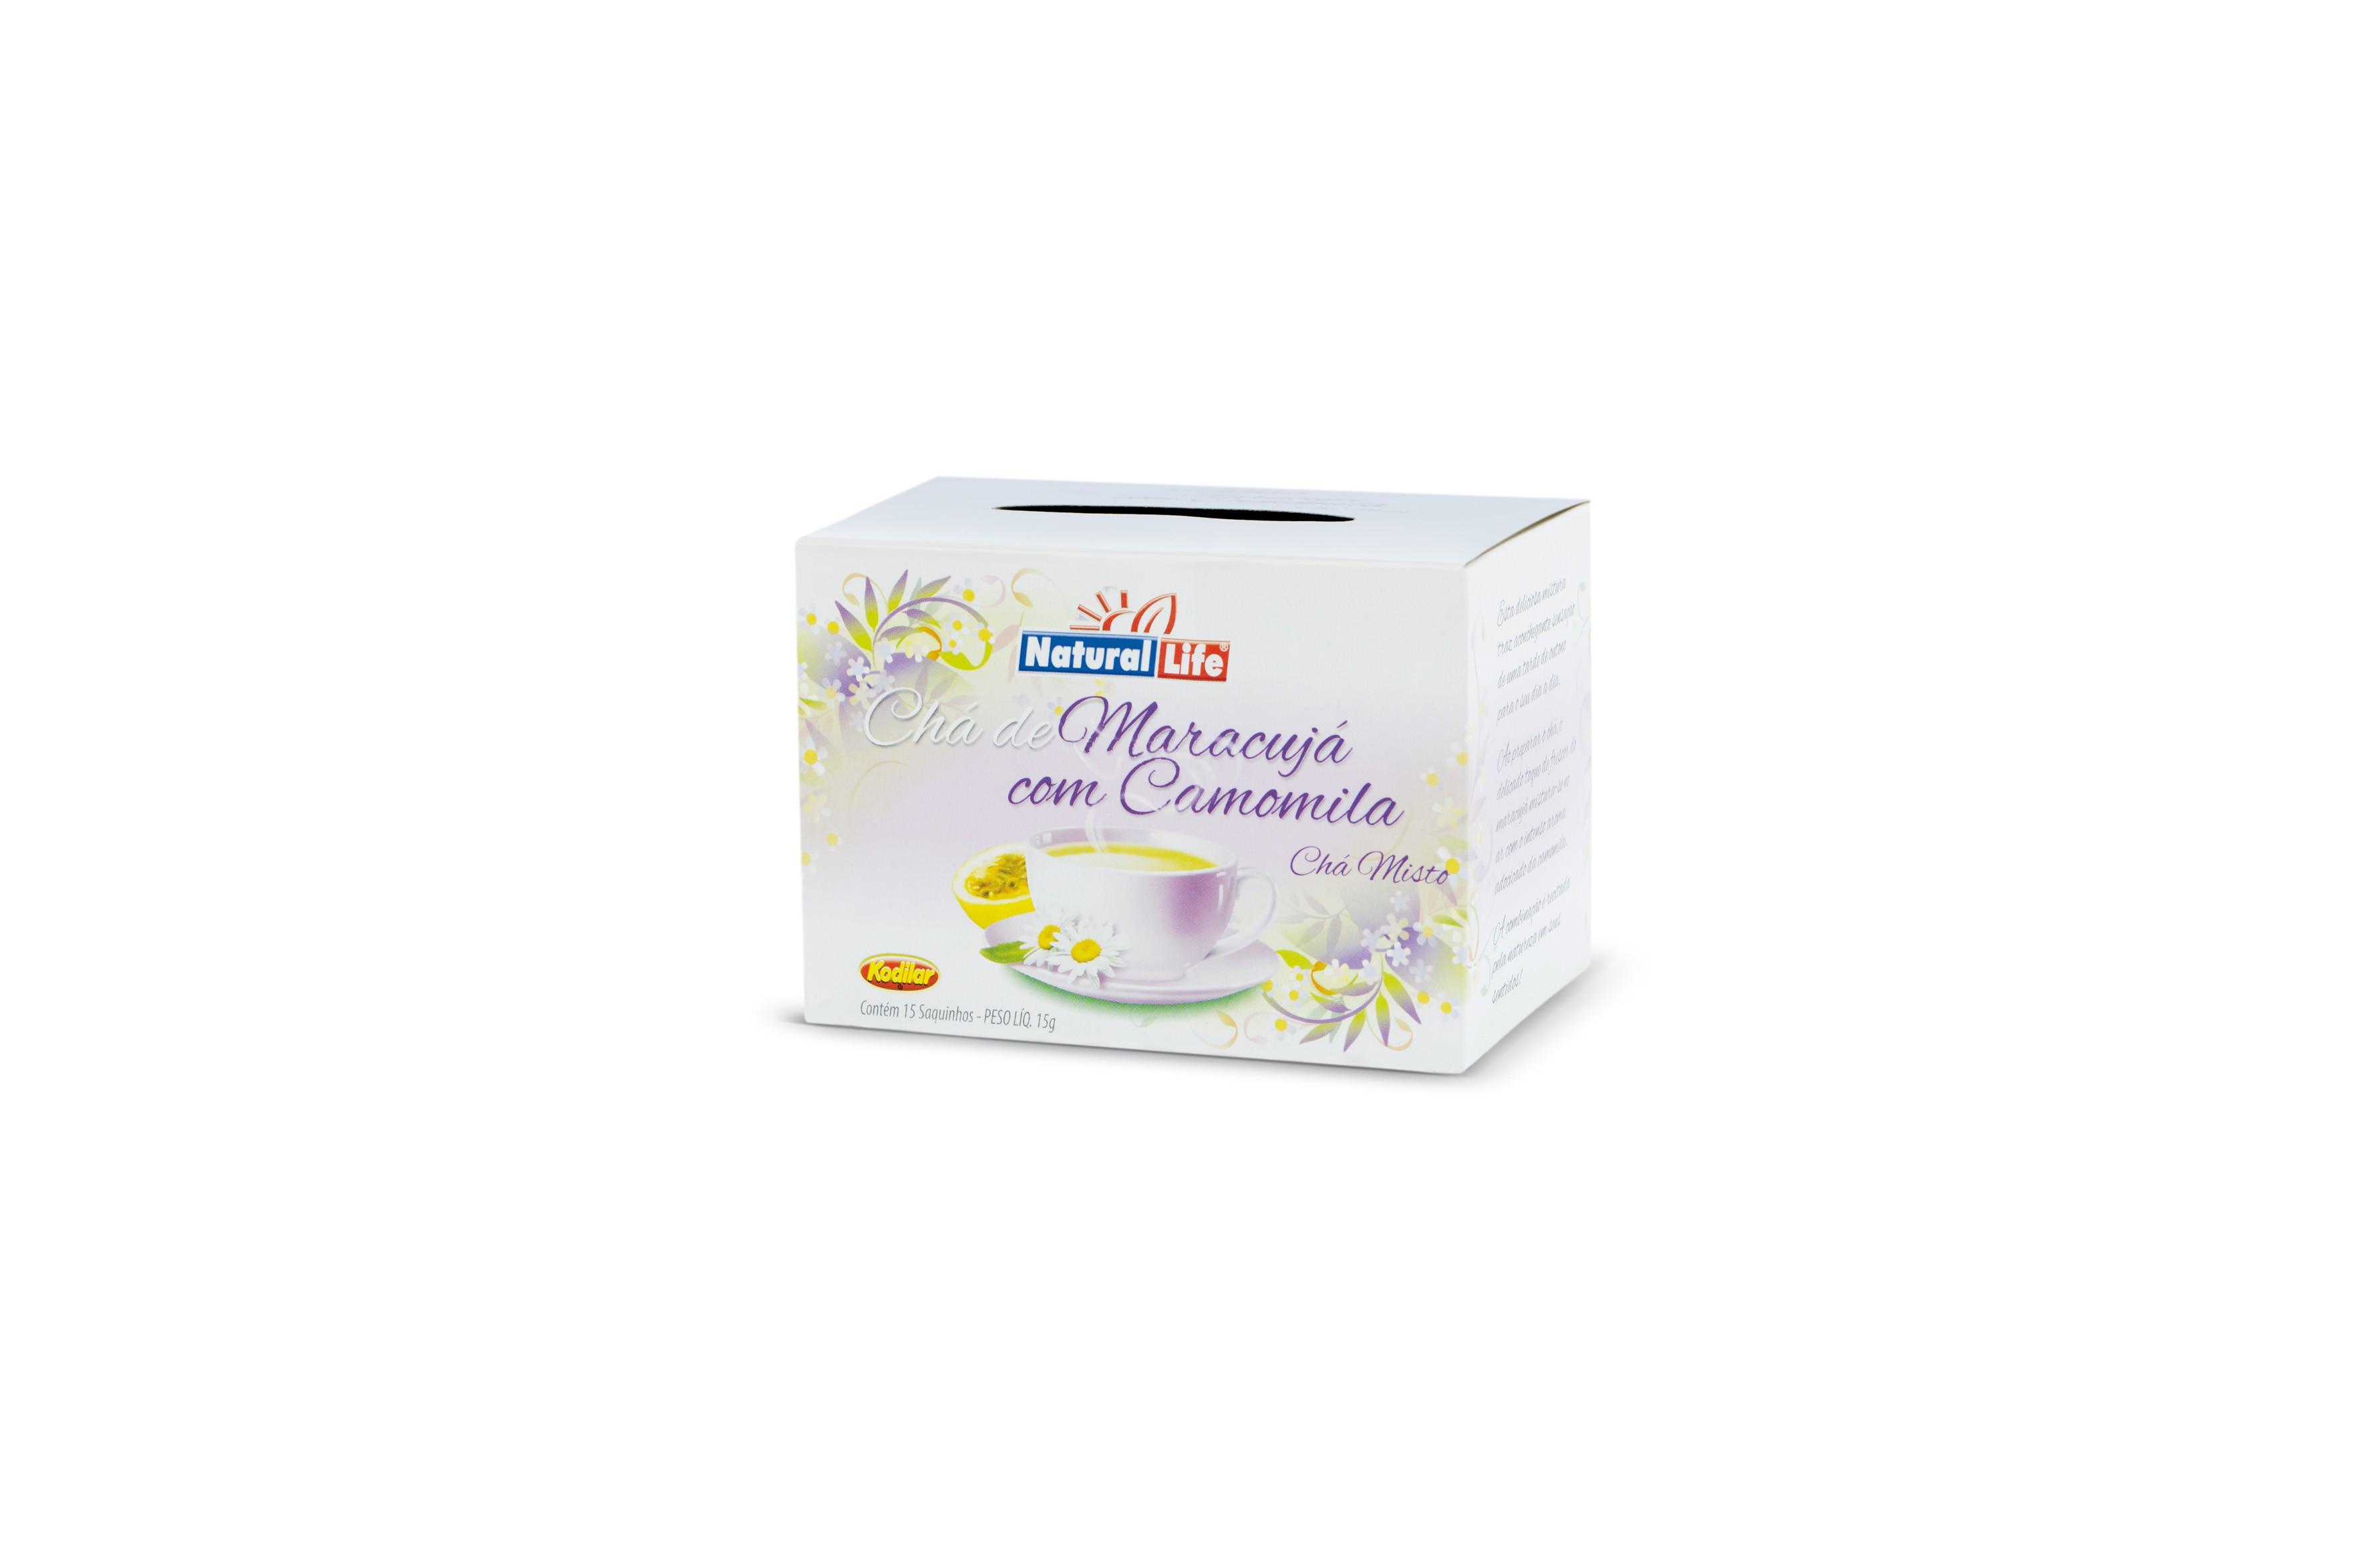 Chá Misto Maracujá com Camomila (15 Sachês) Natural Life